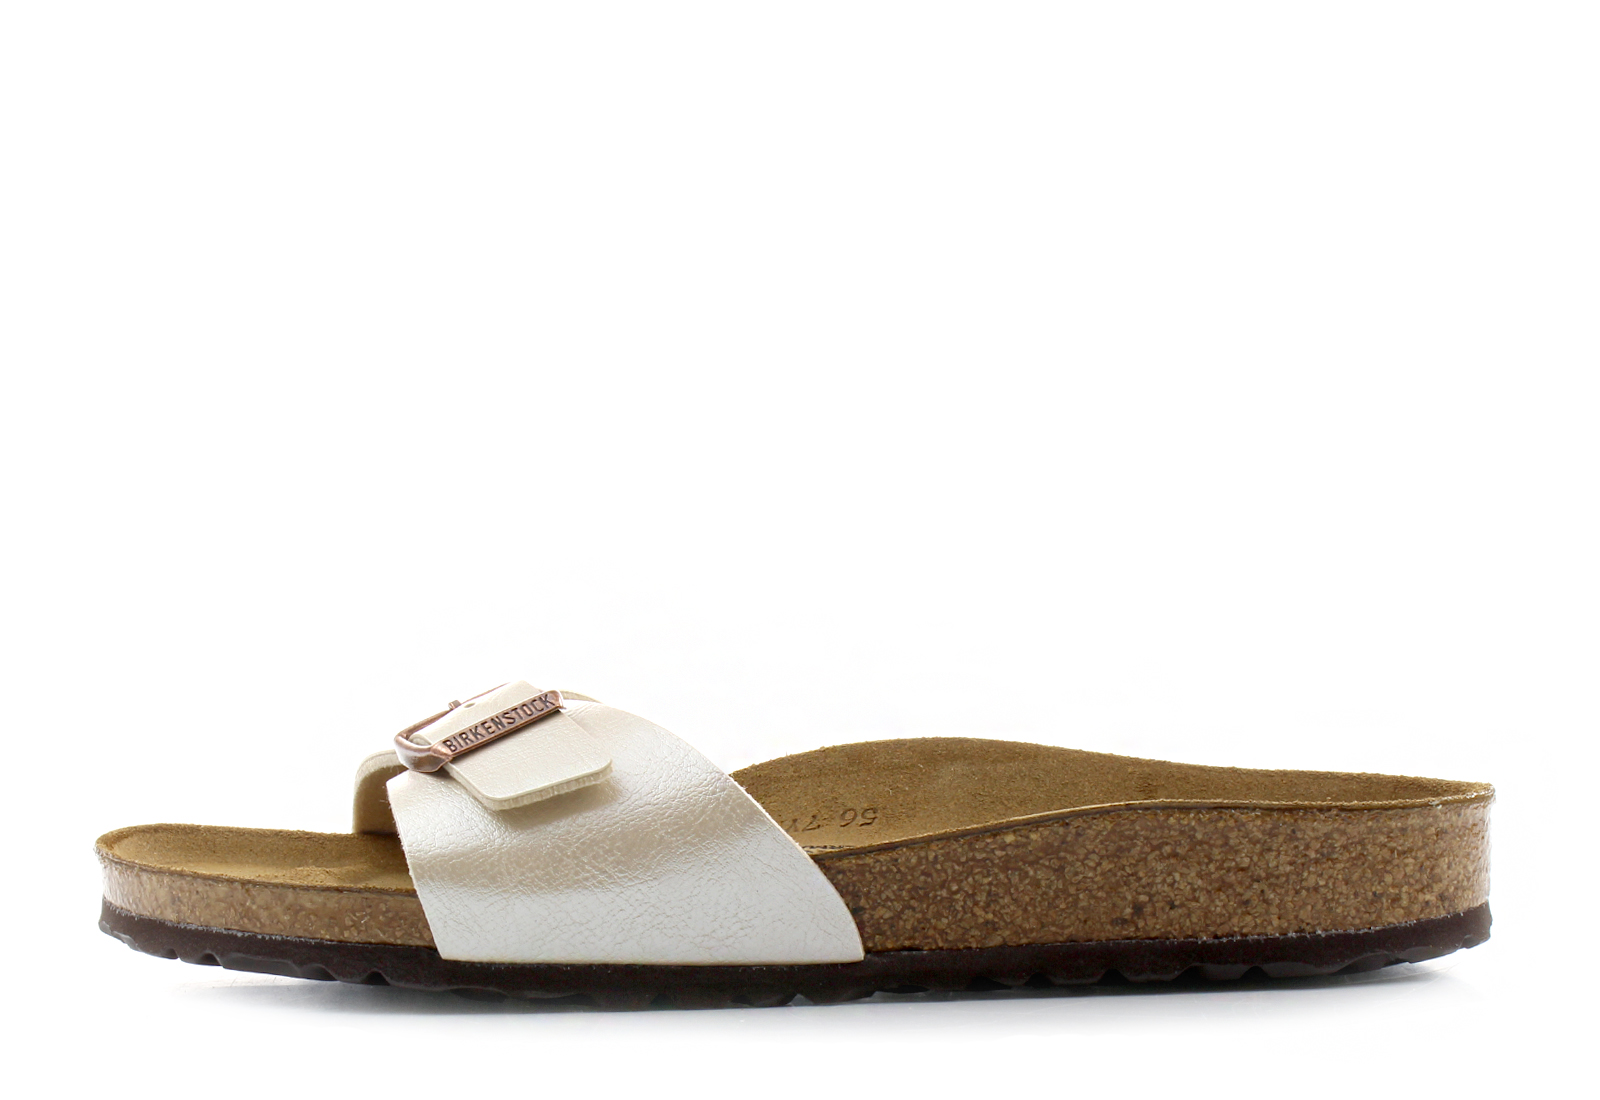 e143205a1a Birkenstock Papucs - Madrid - 940153-wht - Office Shoes Magyarország